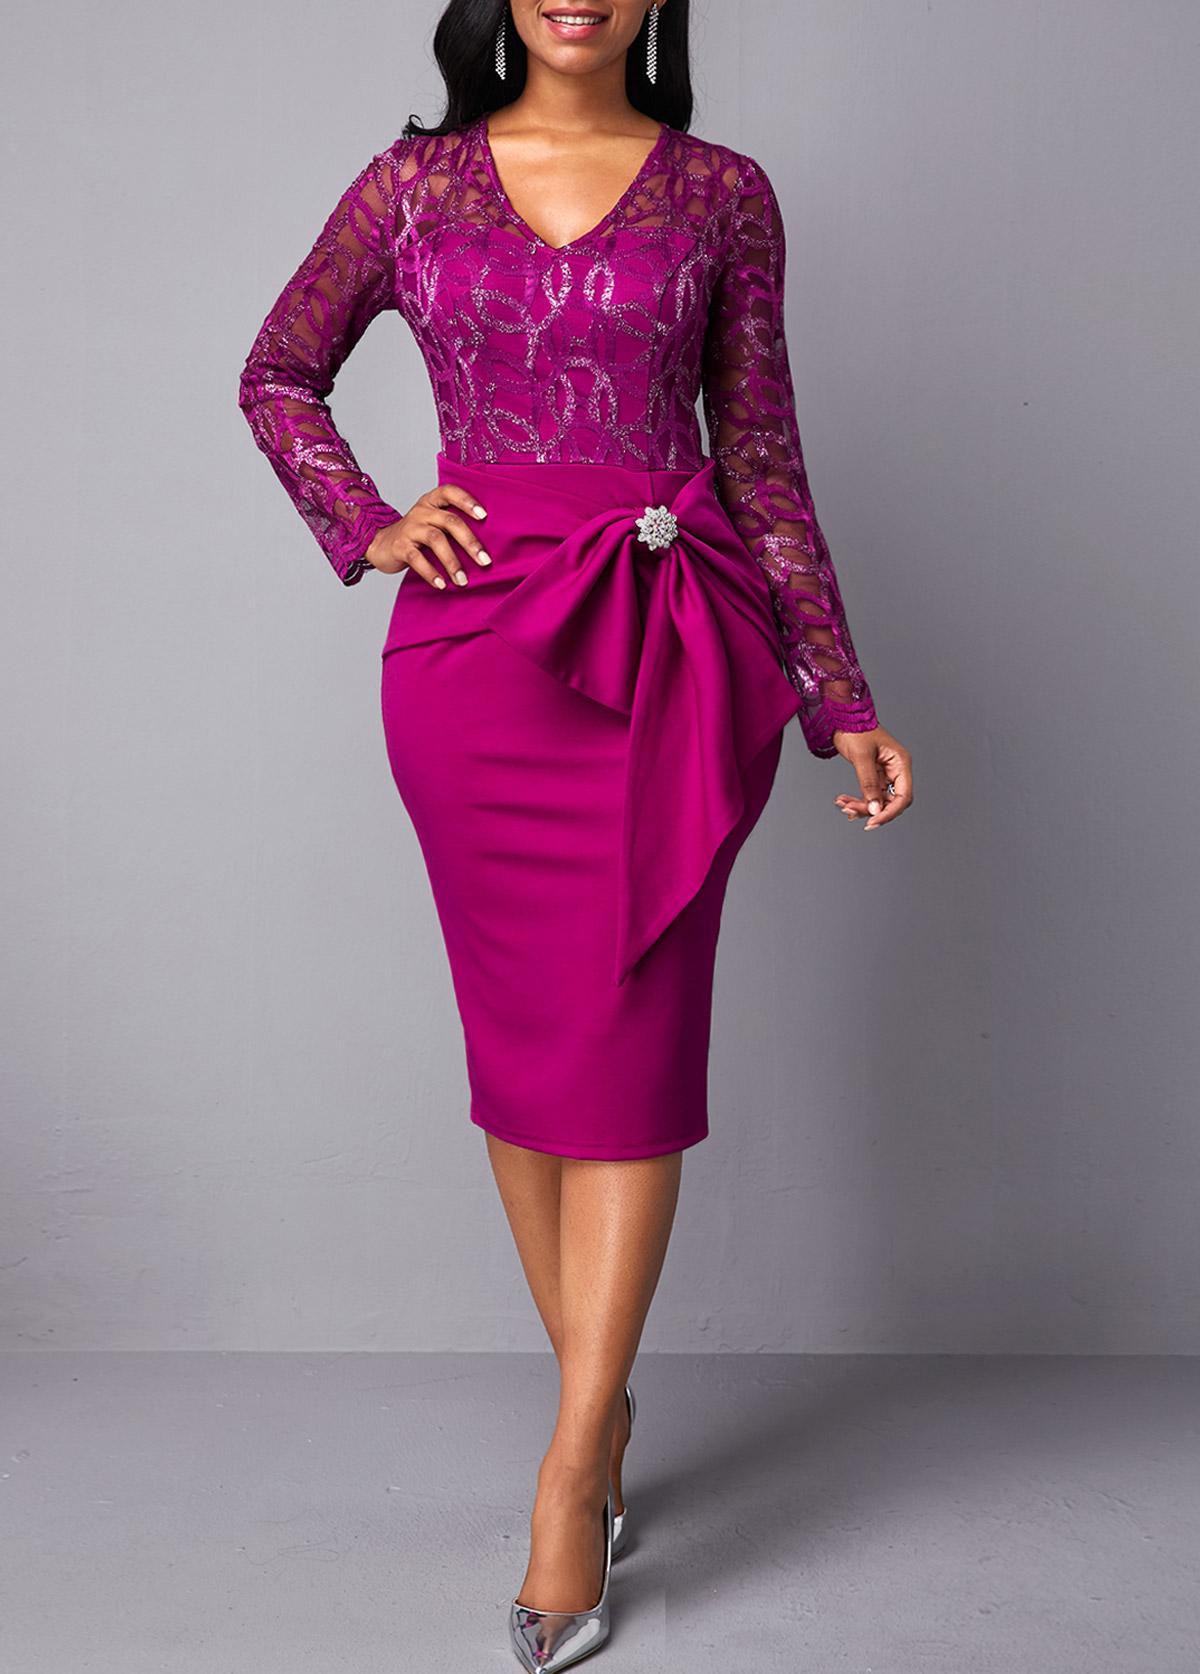 V Neck Lace Panel Rhinestone Embellished Dress